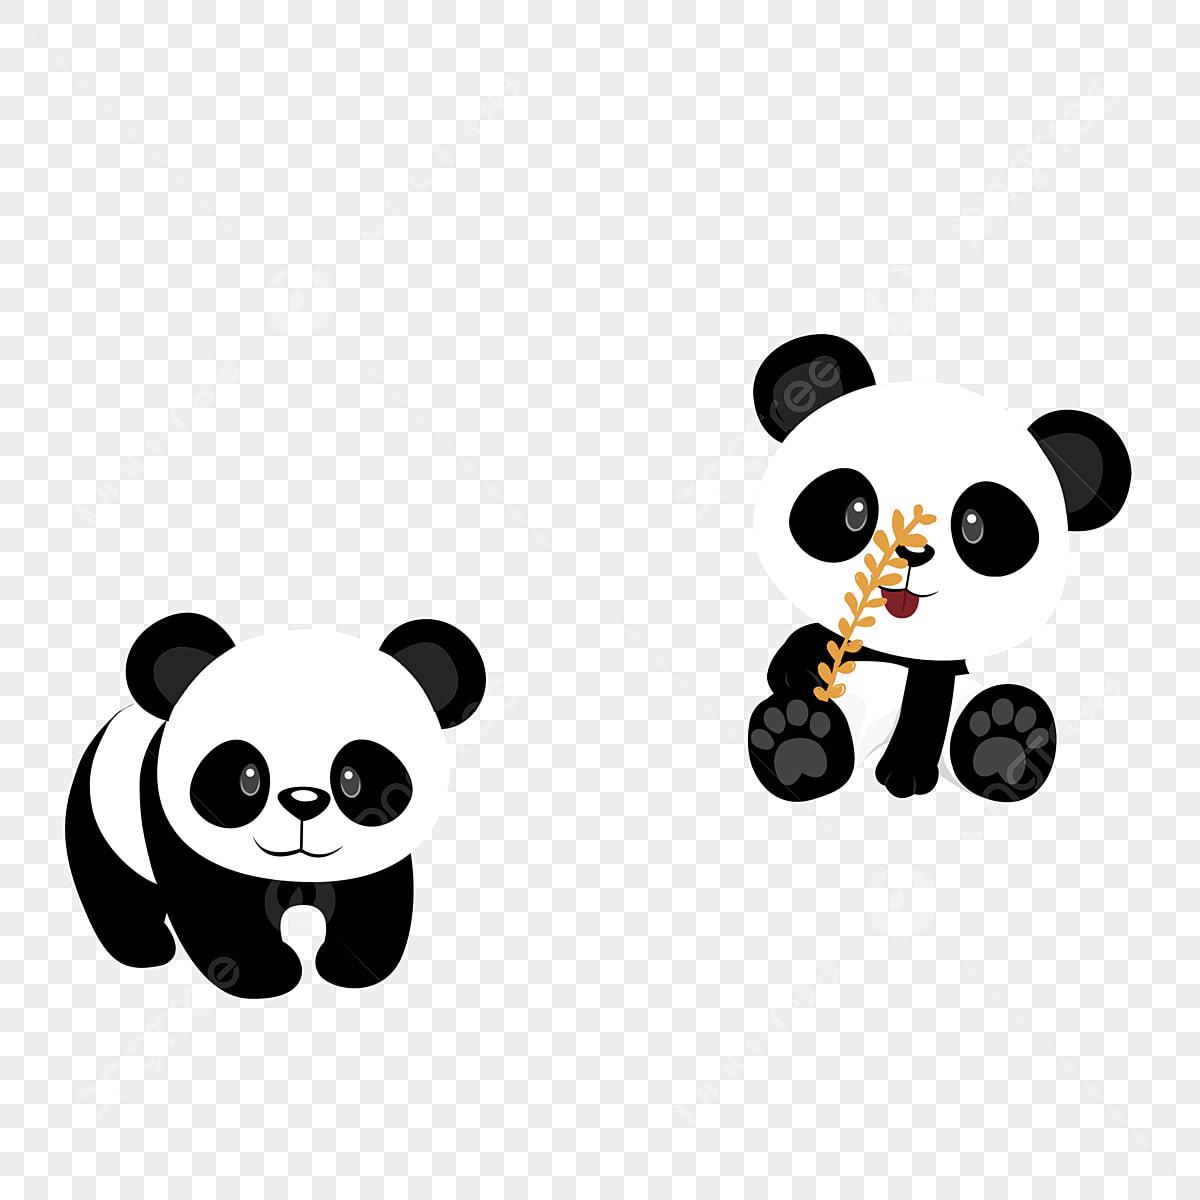 éléments Commerciaux De Conception Panda Trésor National